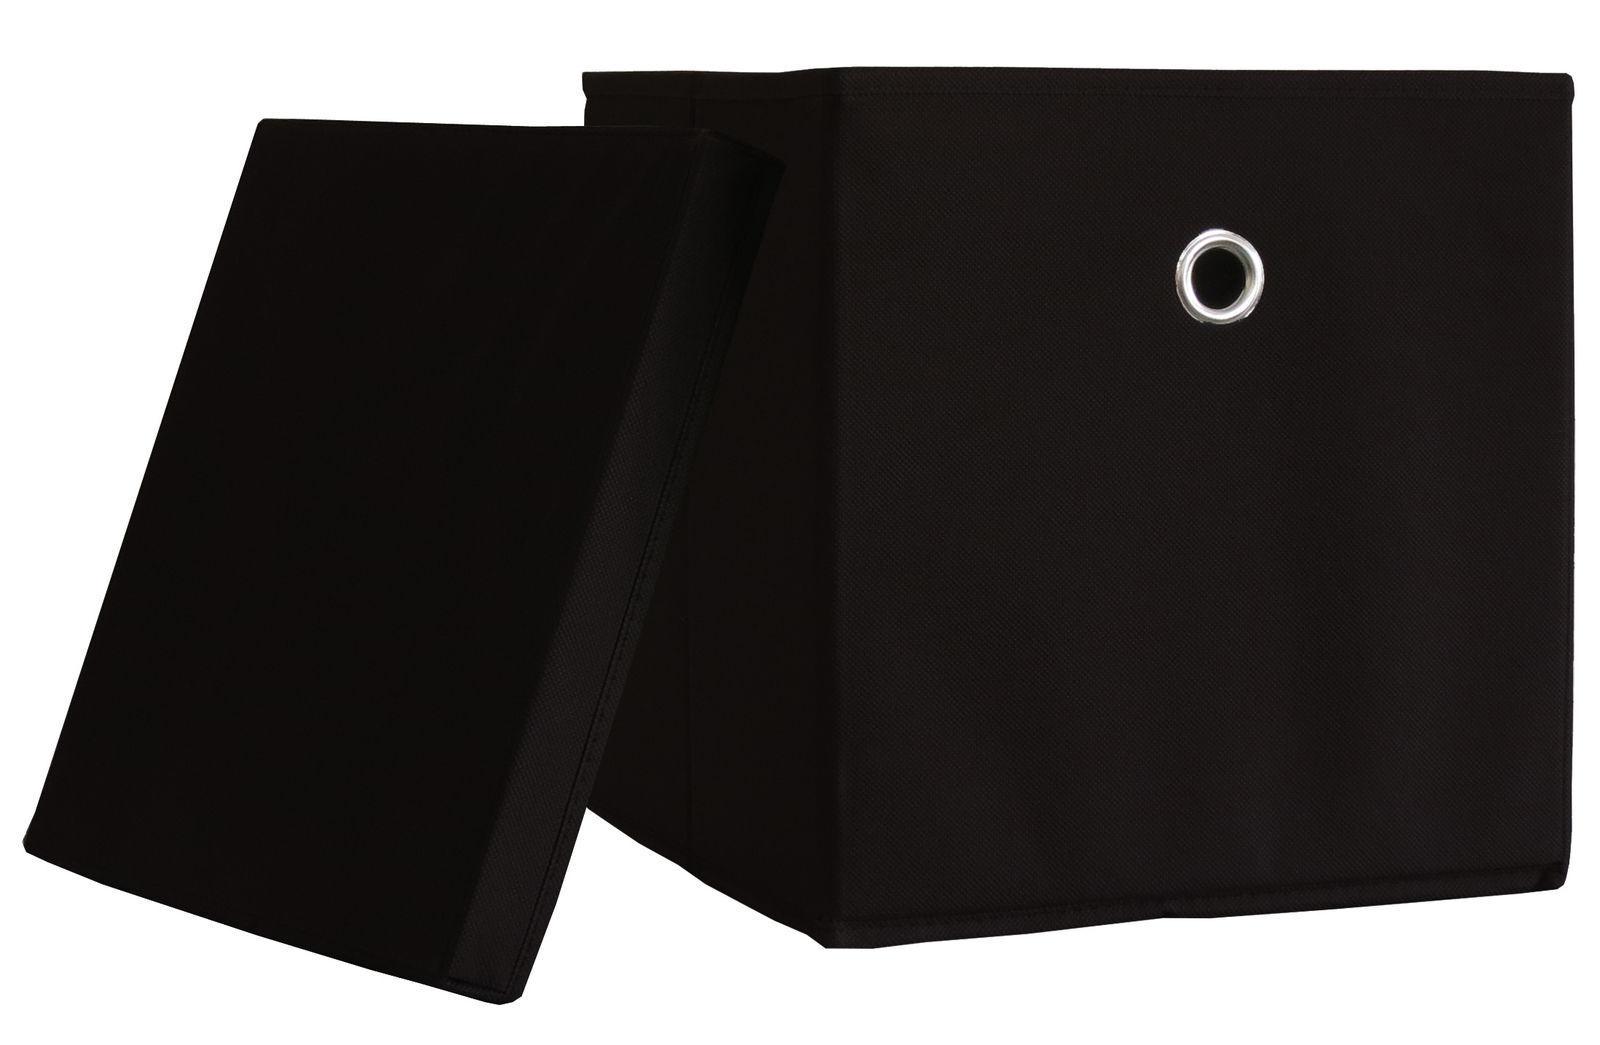 10er Set VCM Boxas schwarz Faltbox Klappbox Sammelbox Stoffbox Regalbox NEU